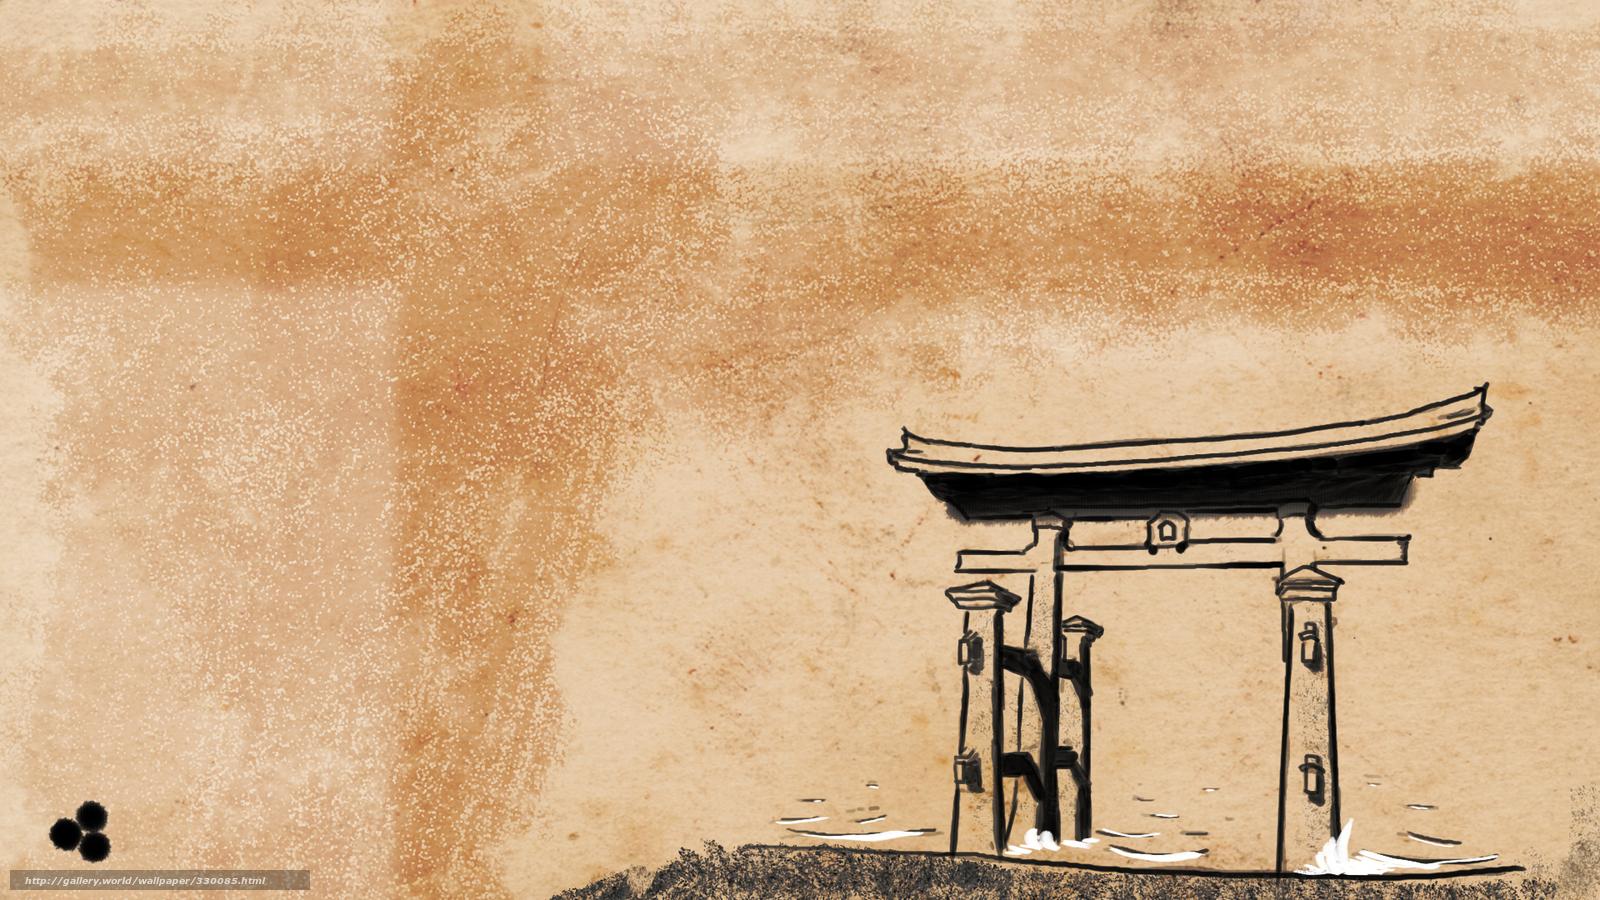 Tlcharger fond d 39 ecran torii shintosme japon de style for Bureau style japonais